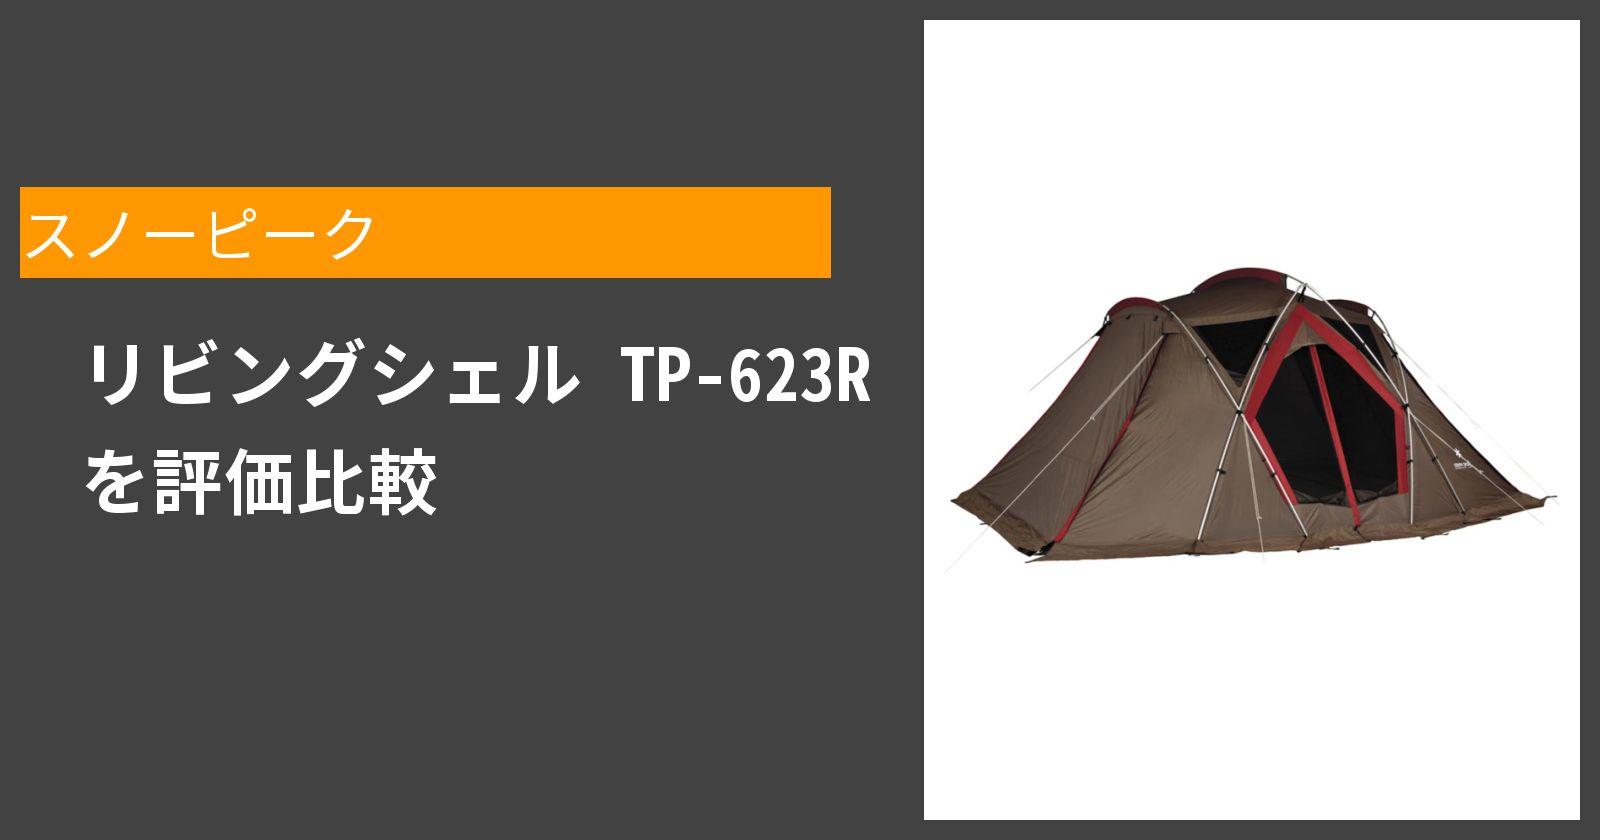 リビングシェル TP-623Rを徹底評価